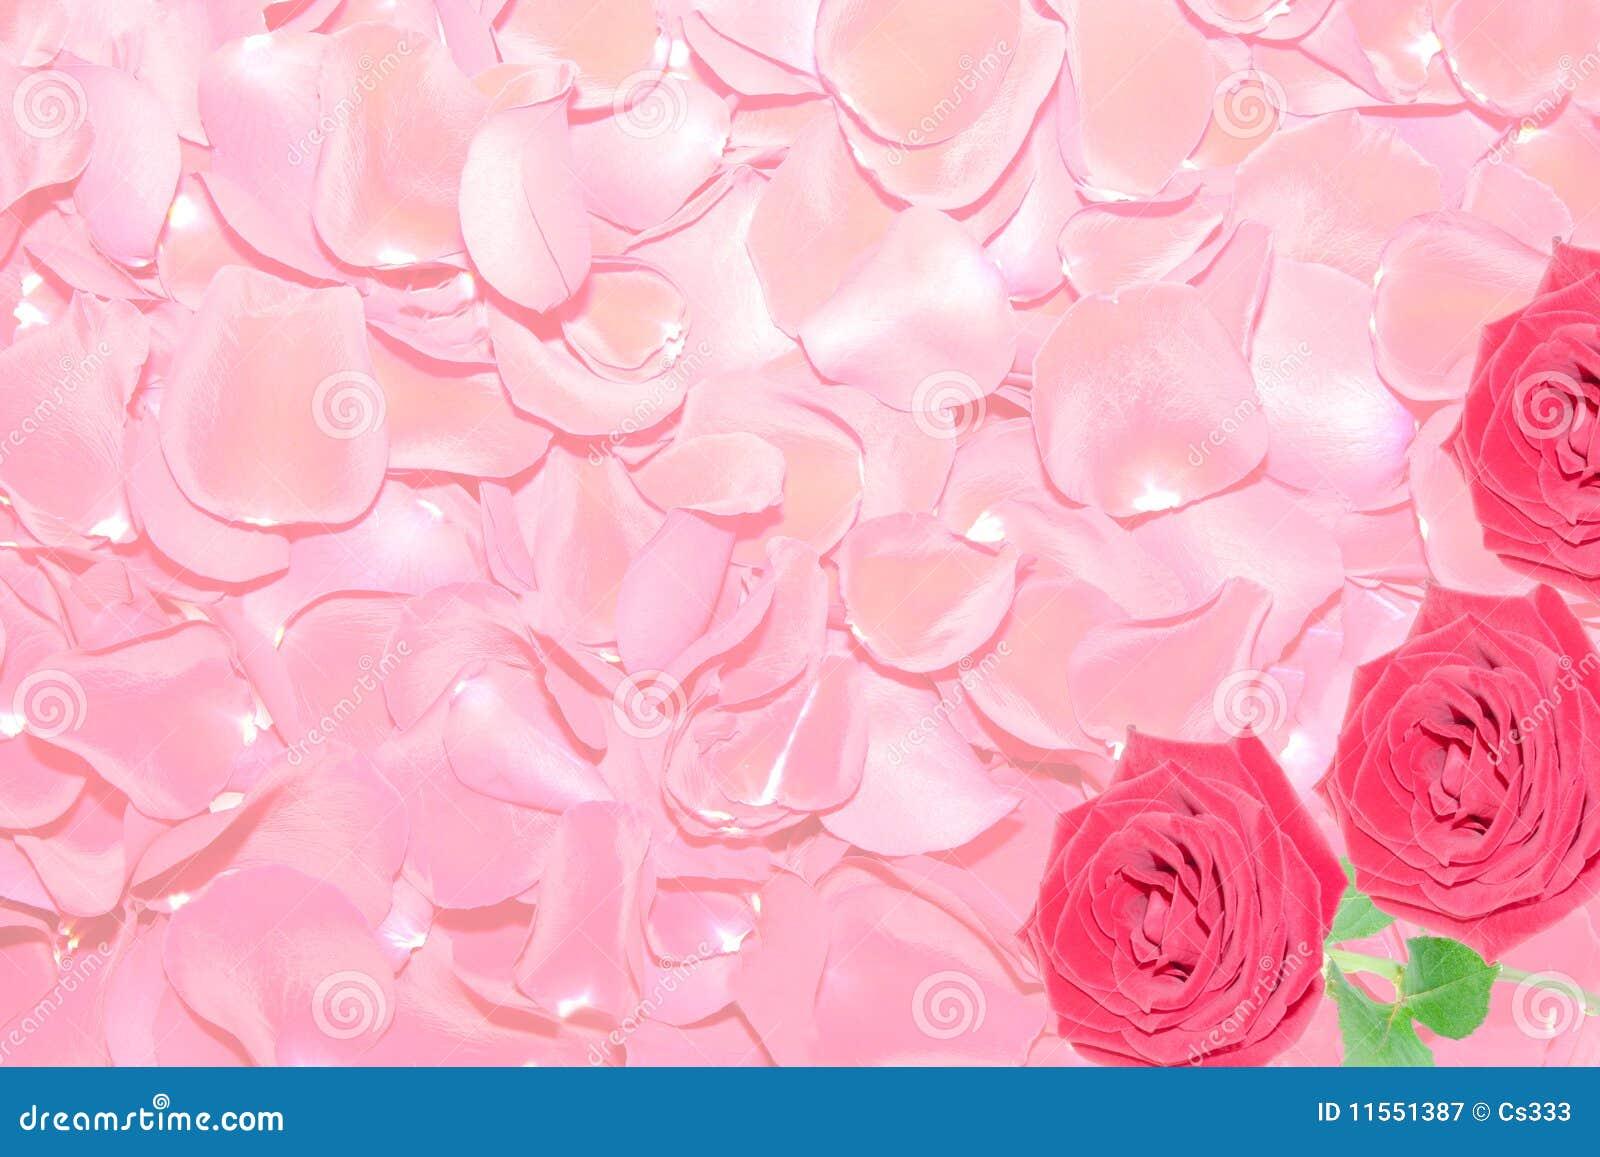 fondo de los p talos de rosas rojas fotograf a de archivo